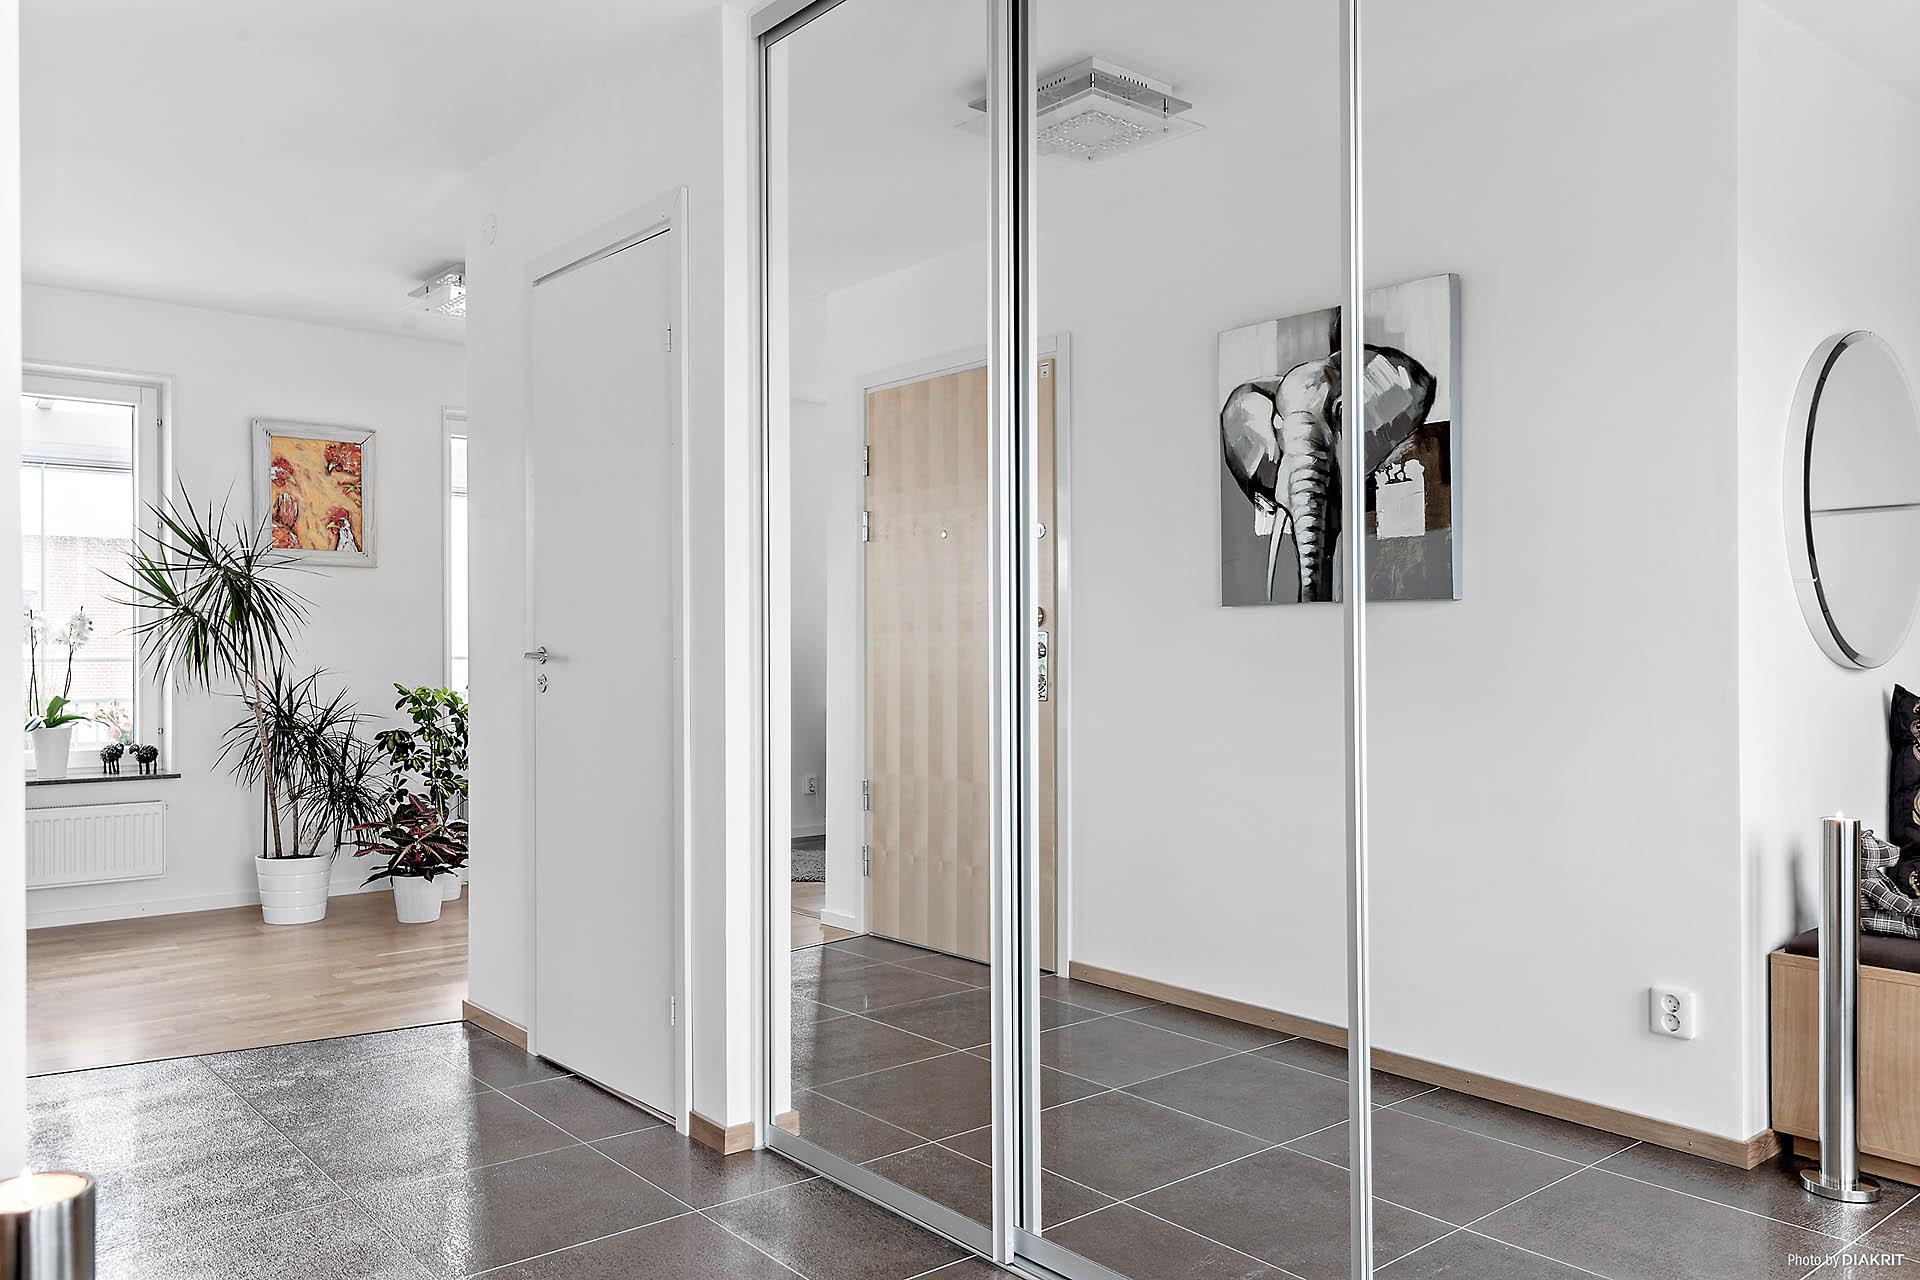 Spegeldörrar och vackert golv